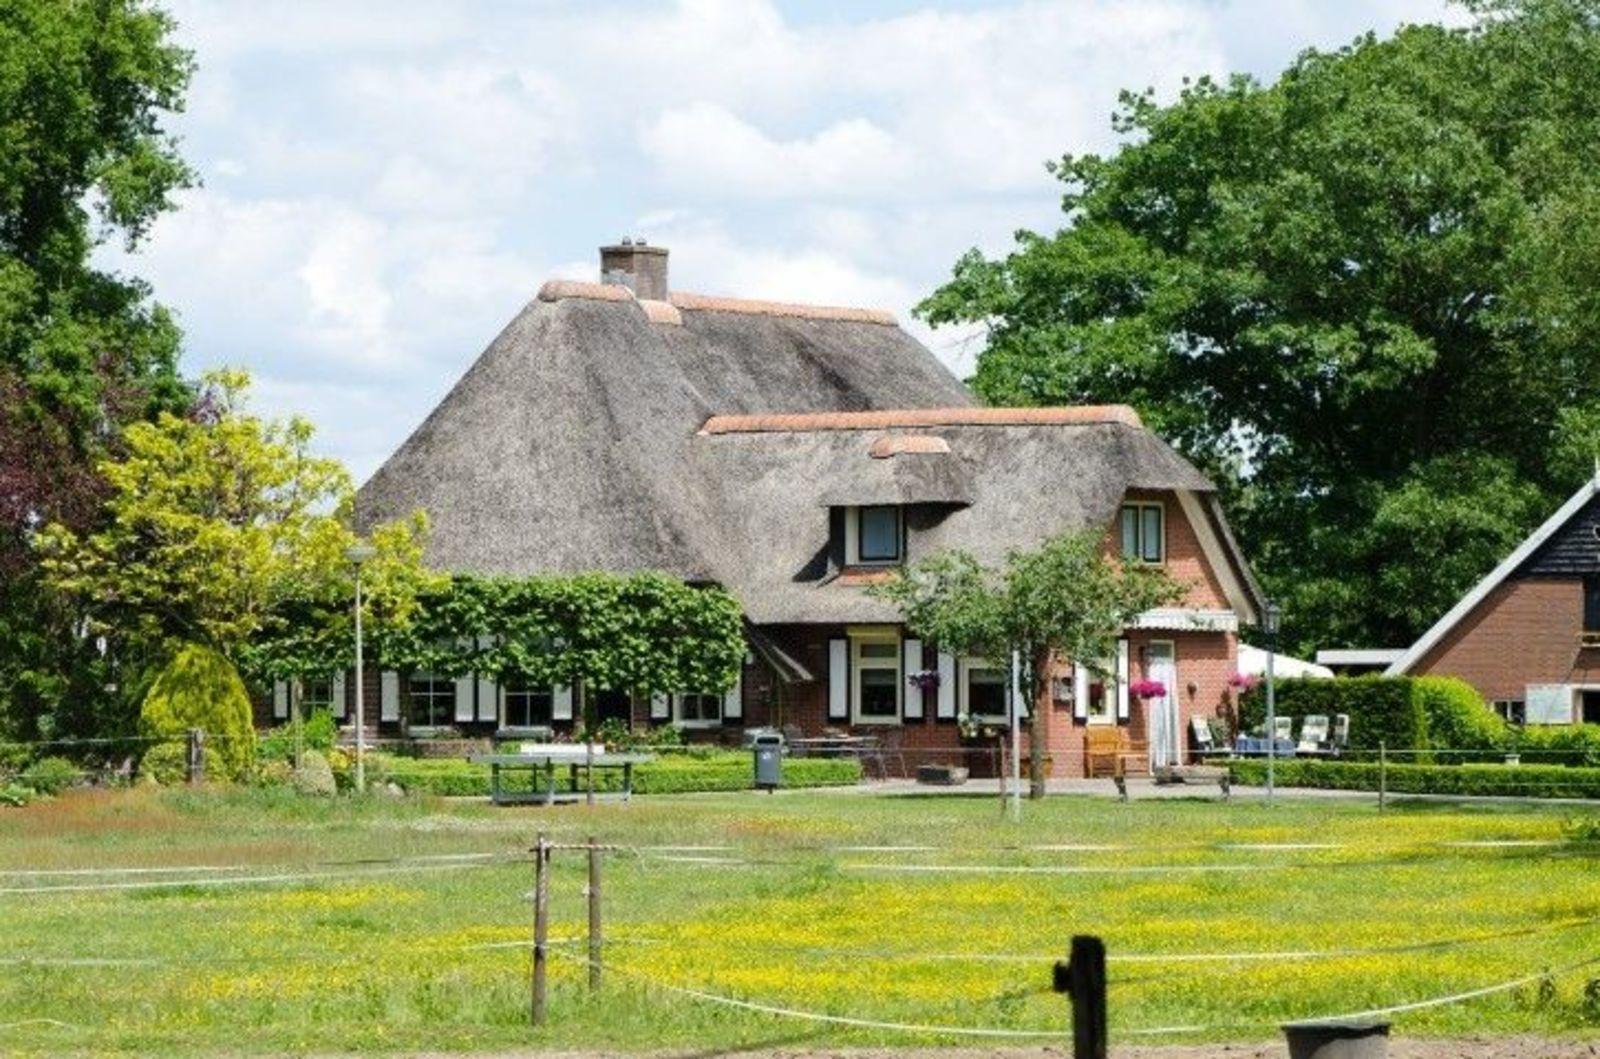 Vakantiepark Mölke groepsaccommodatie 14 personen Zuna Overijssel